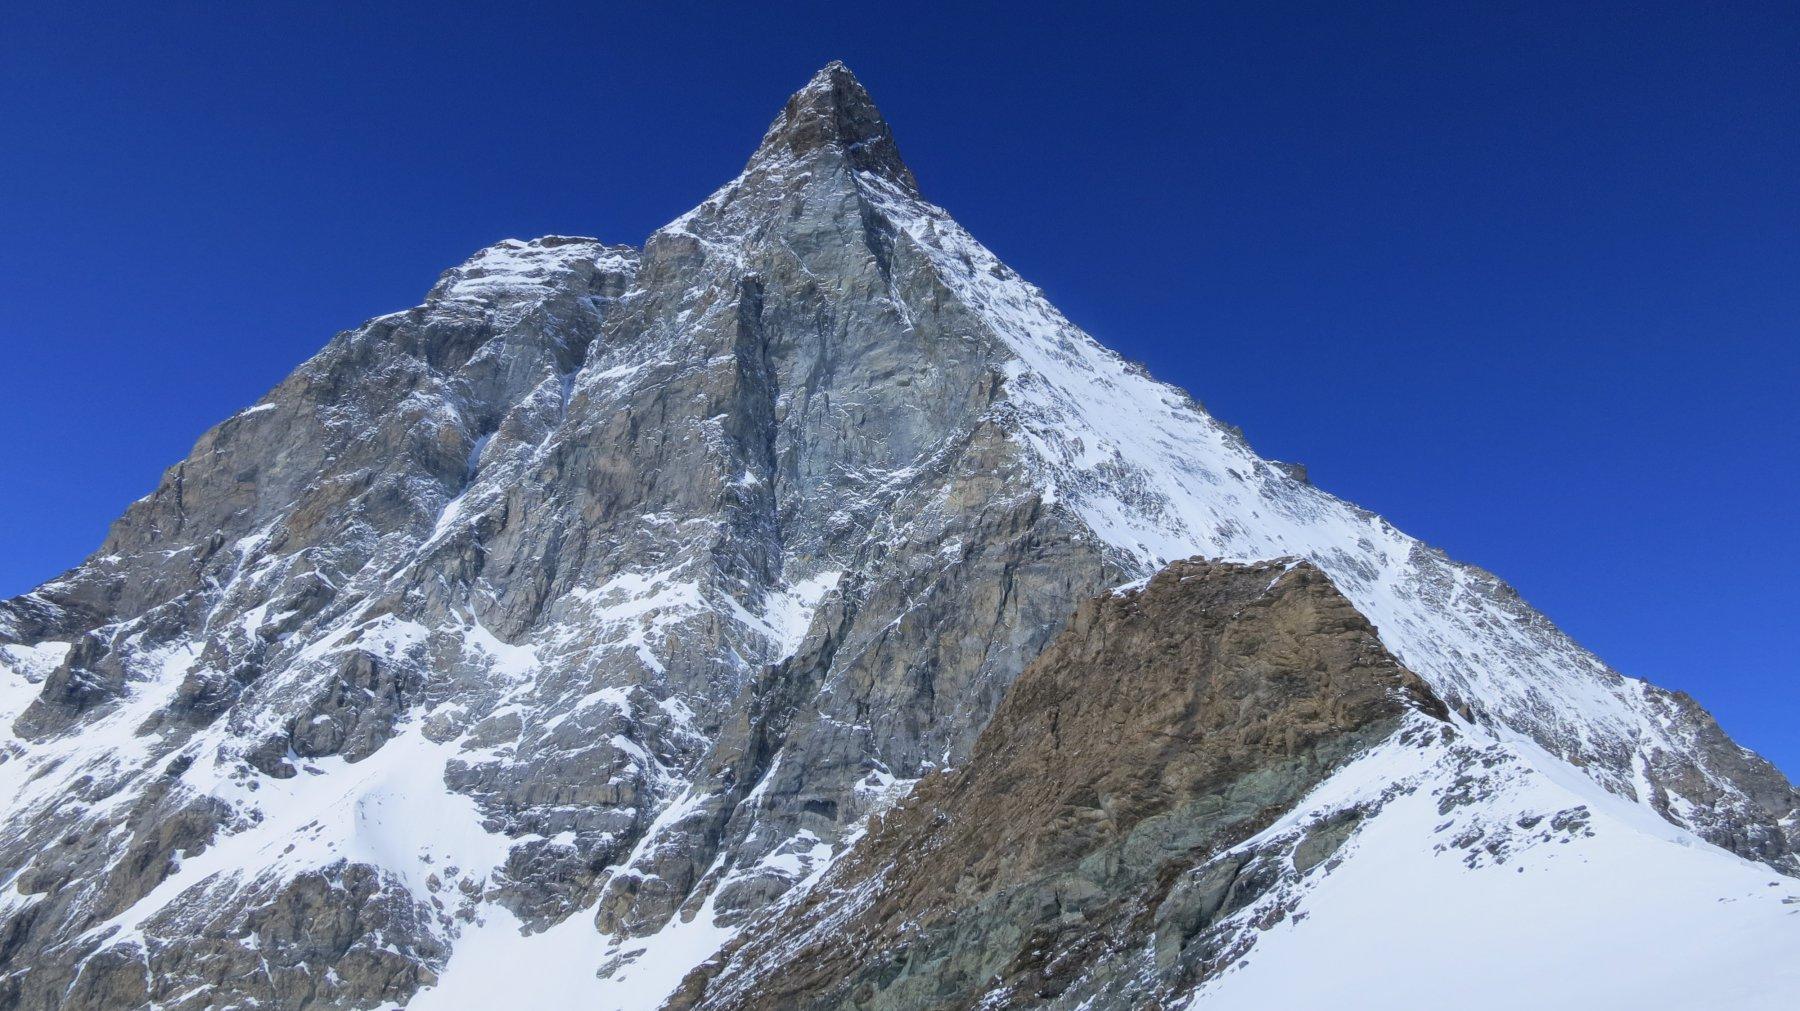 dal colle si vede bene la cresta Furggen del Cervino